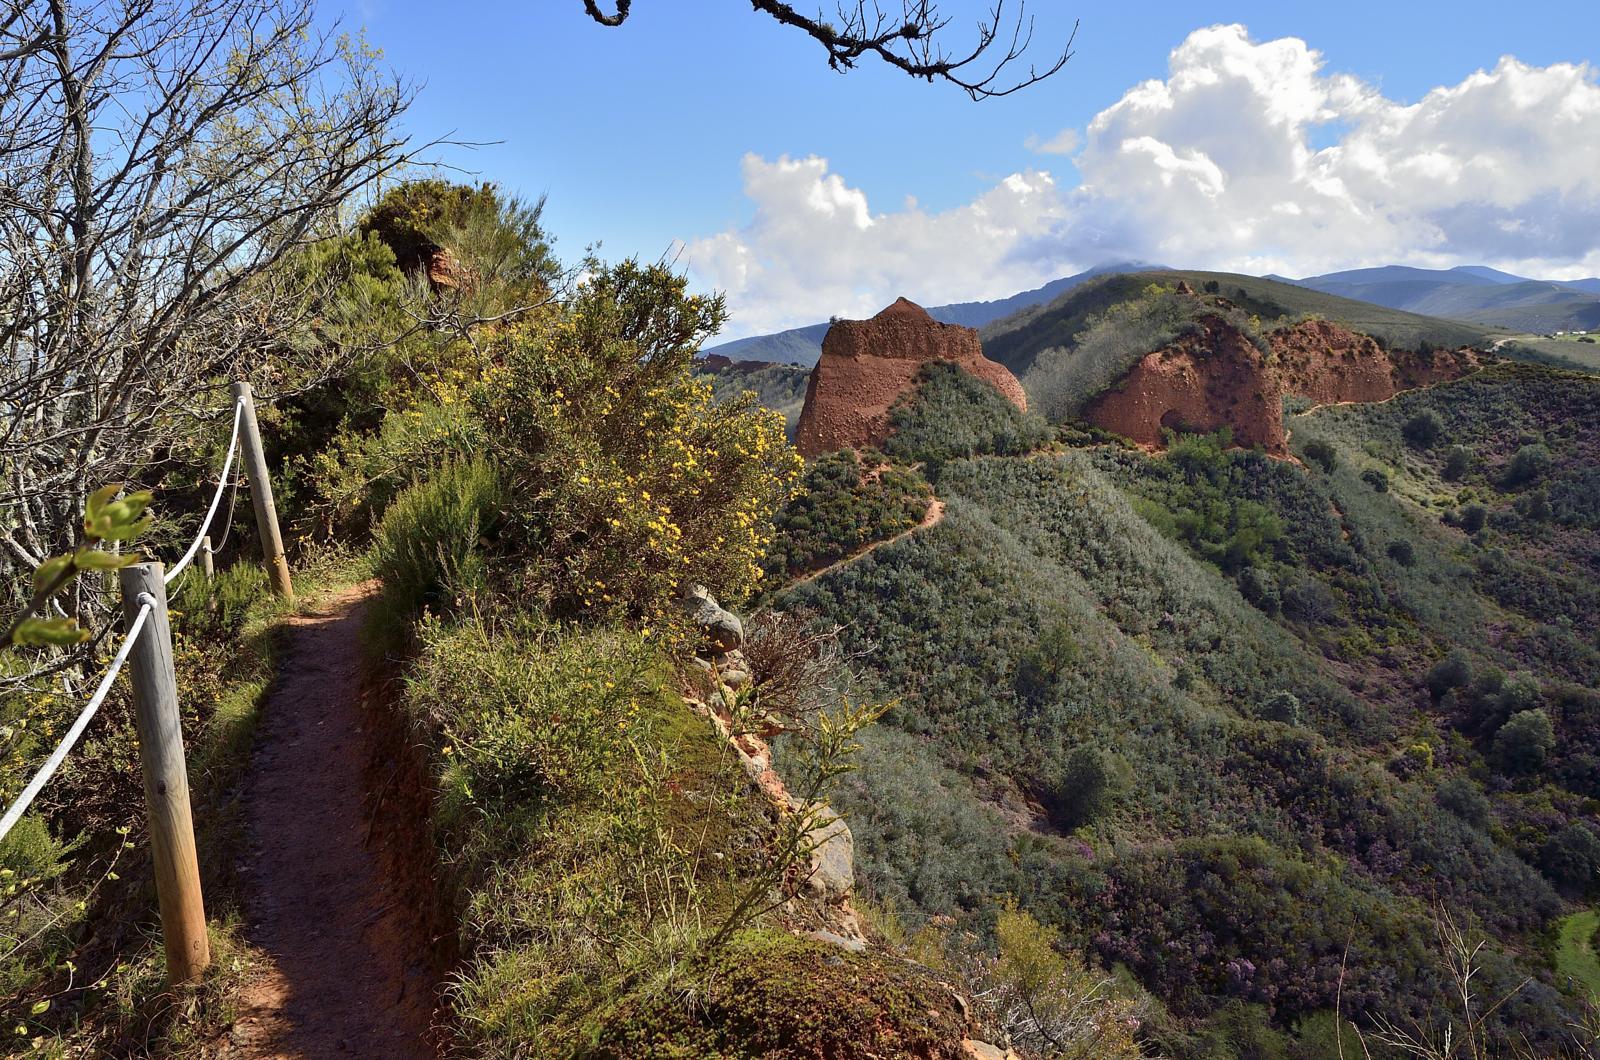 La Casa del Parque de Las Médulasorganiza una excursión otoñal por la Senda de Reirigo 1